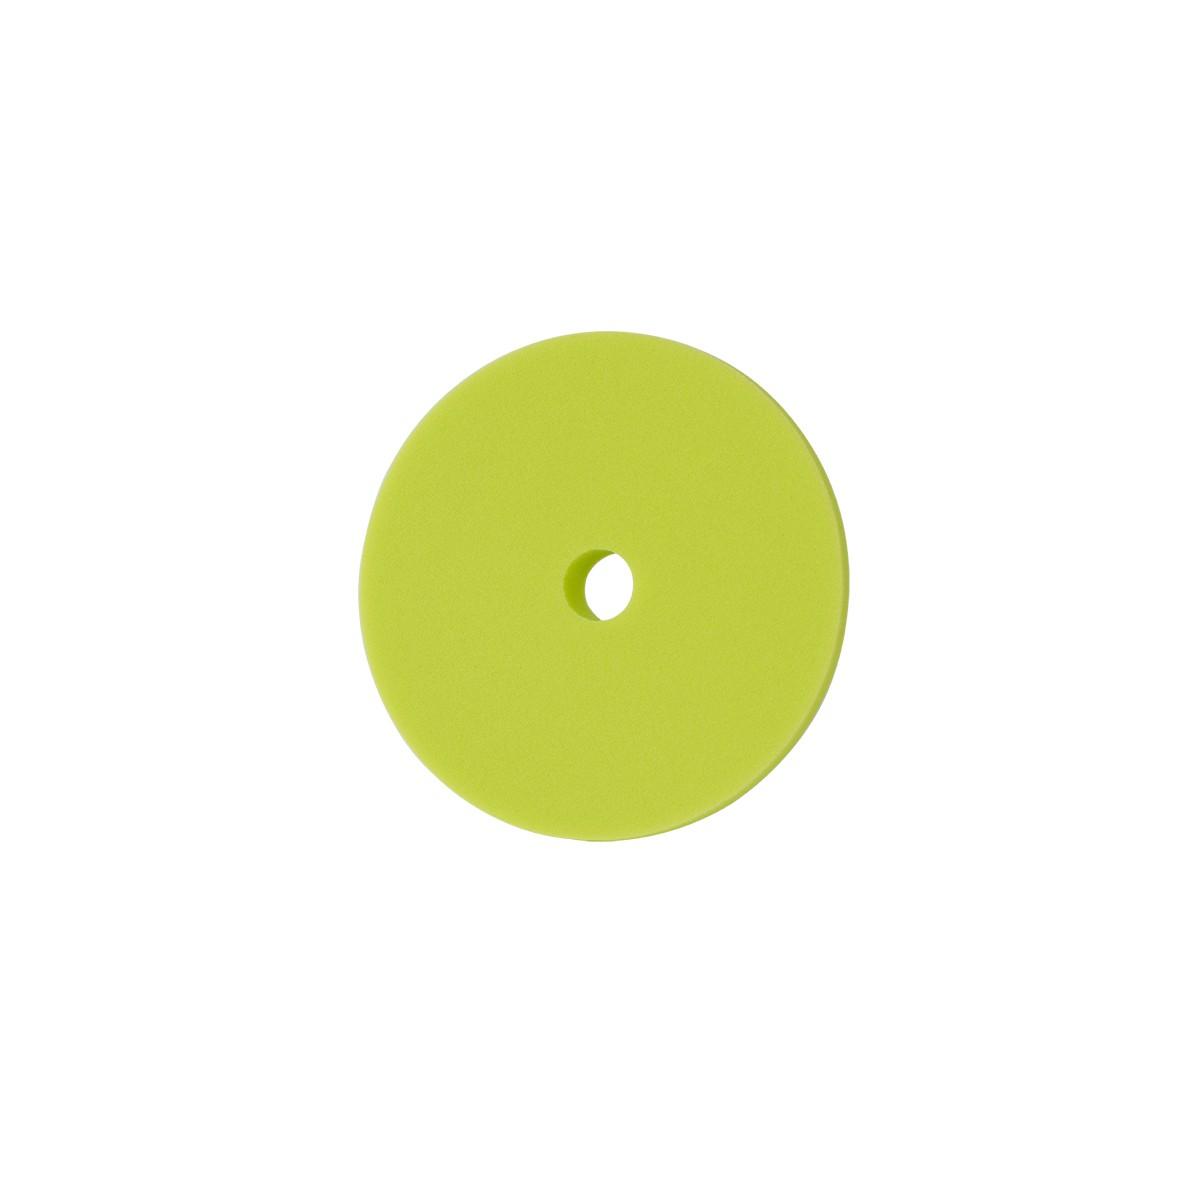 Boina Soft Cut Foam Pad Green 150mm/5 ( Boina de espuma de corte suave verde )- Menzerna